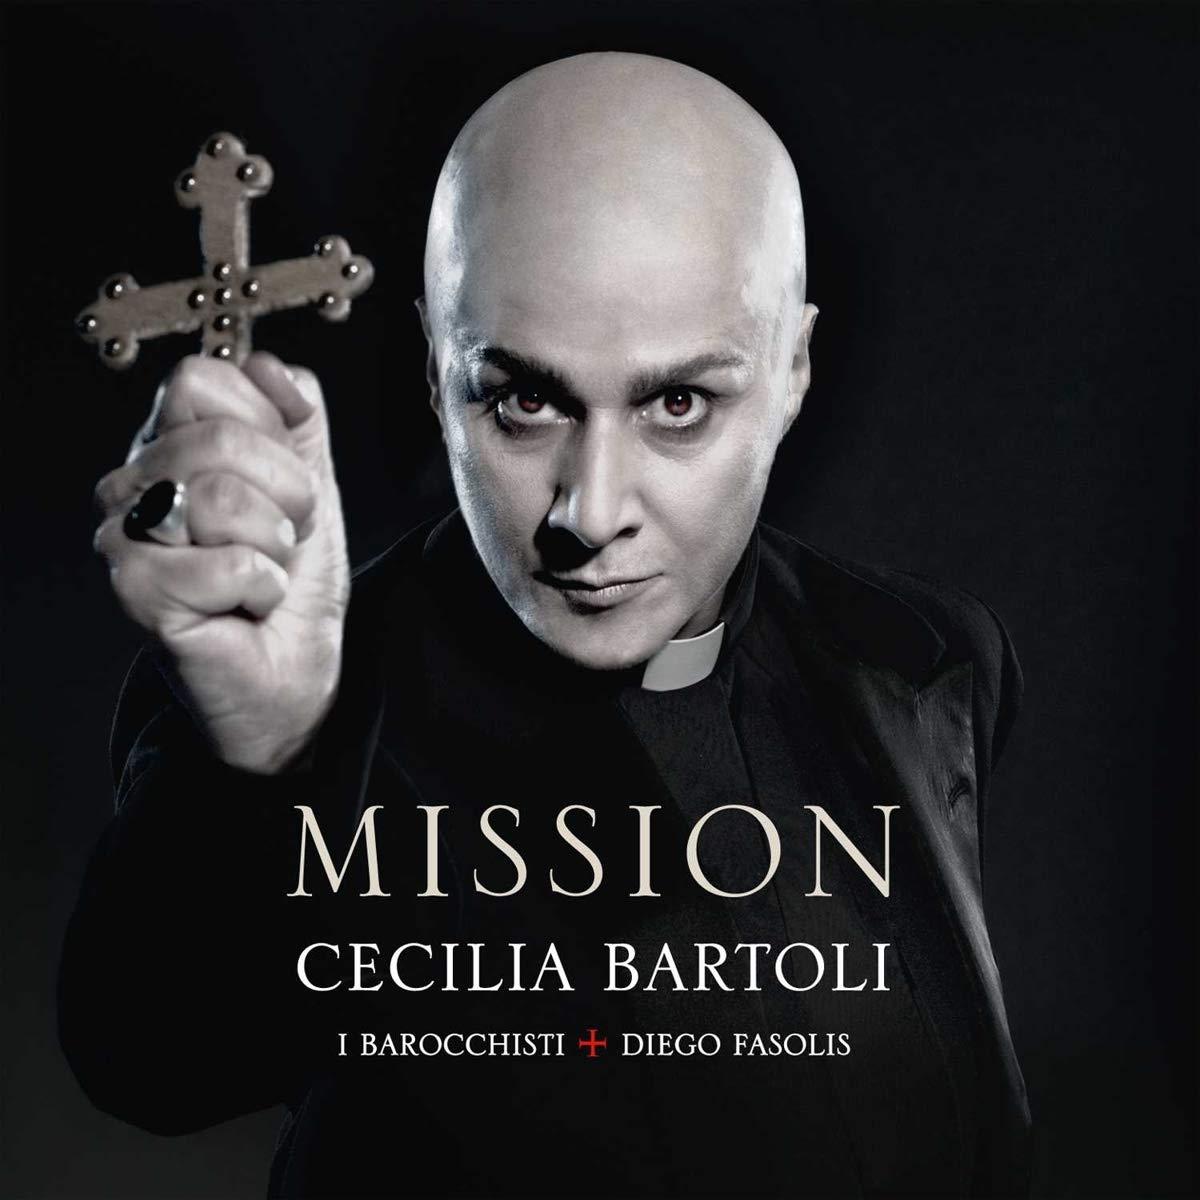 Mission / Cecilia Bartoli |